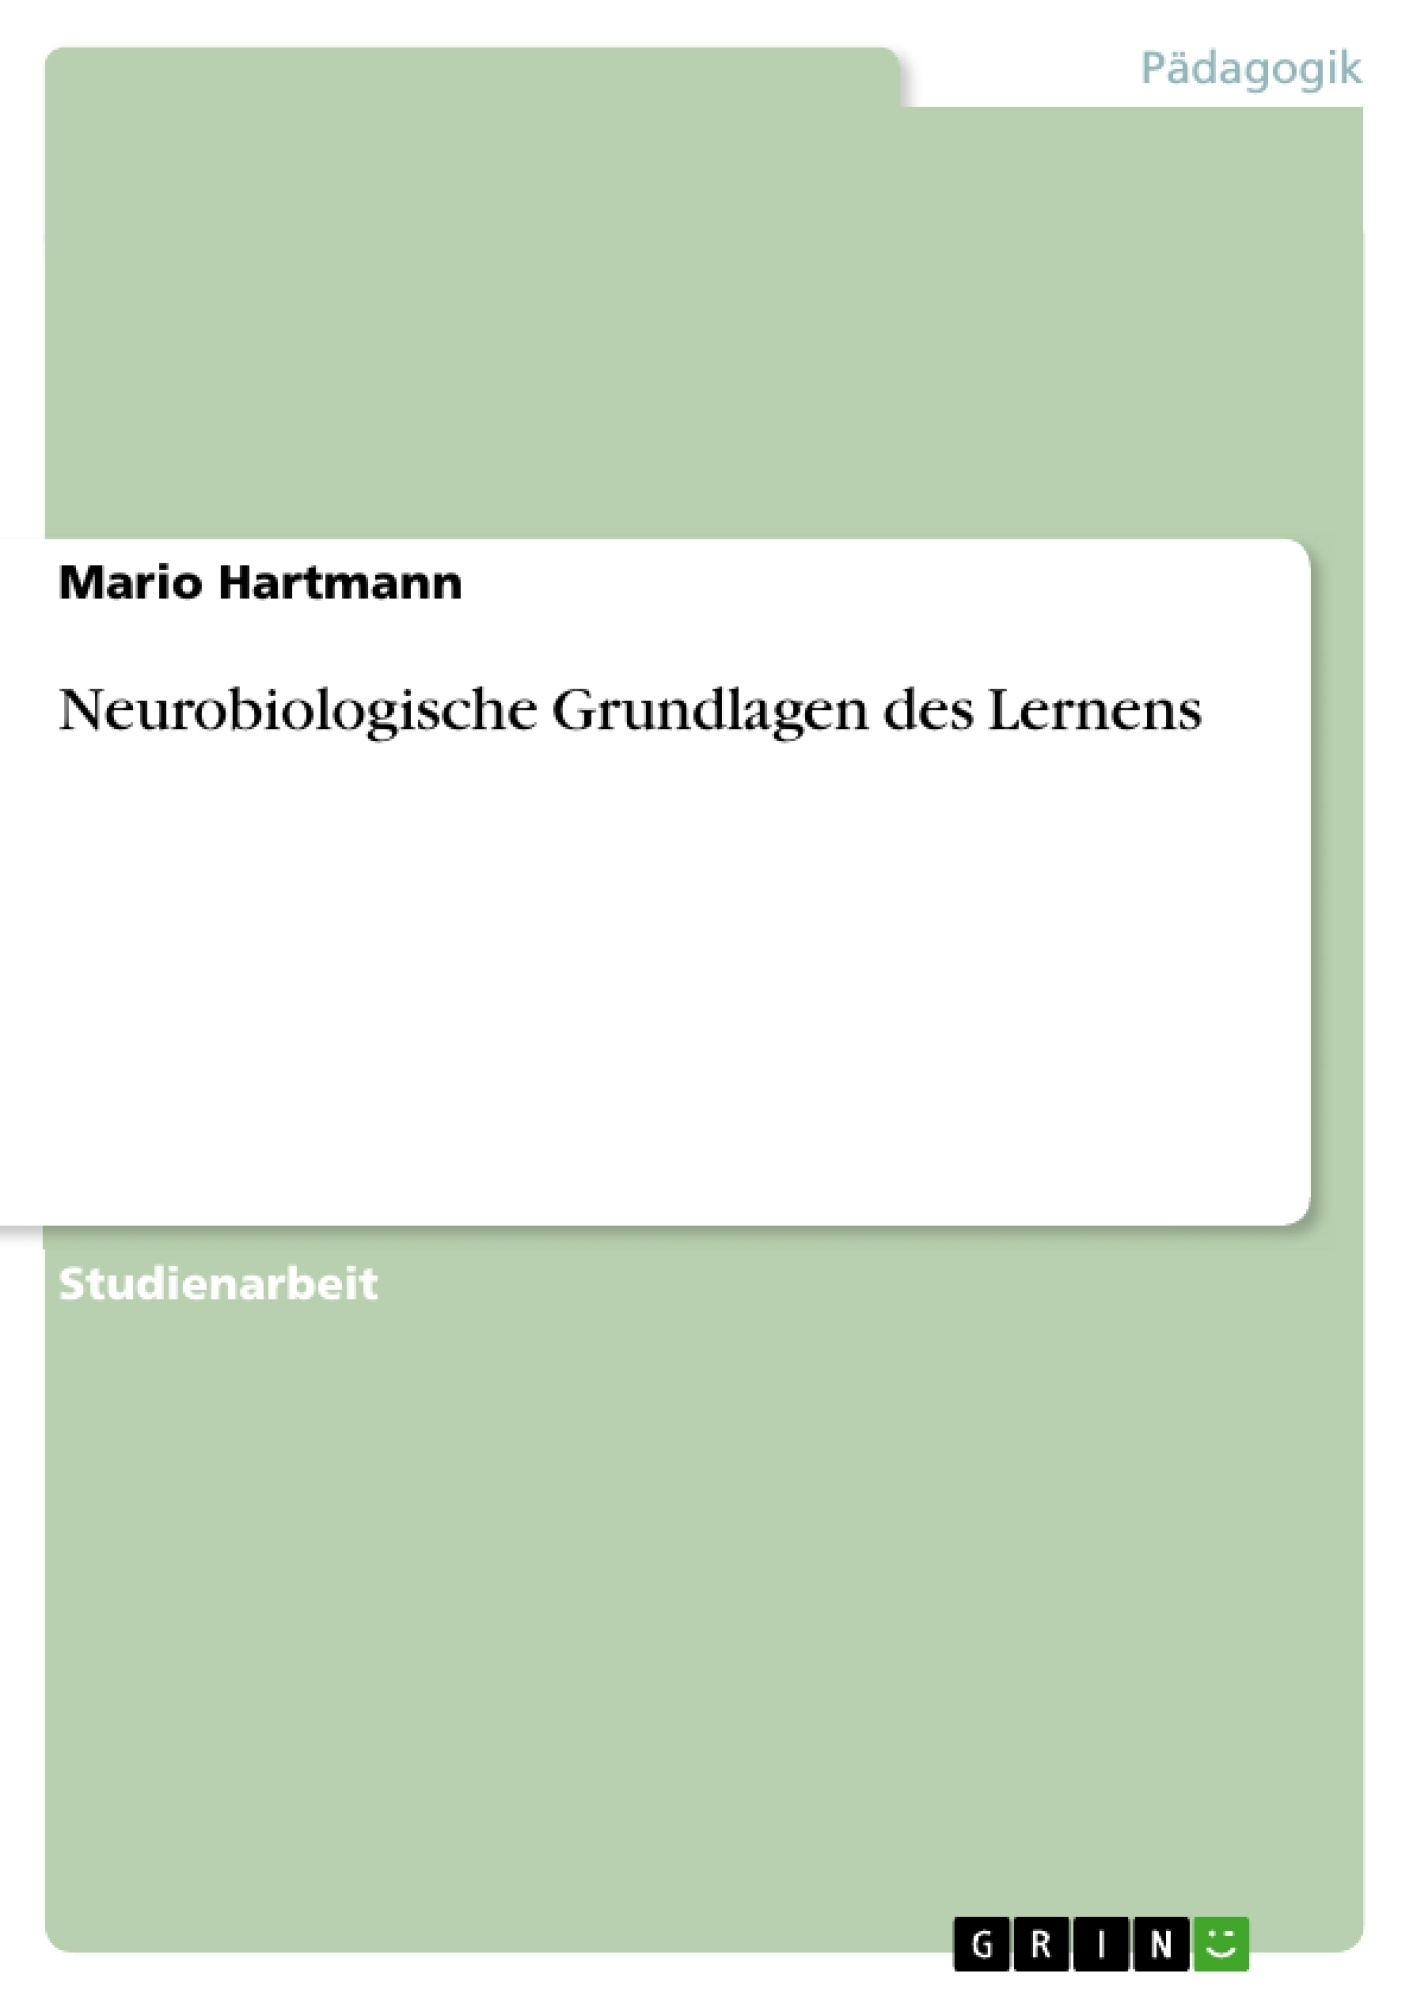 Titel: Neurobiologische Grundlagen des Lernens